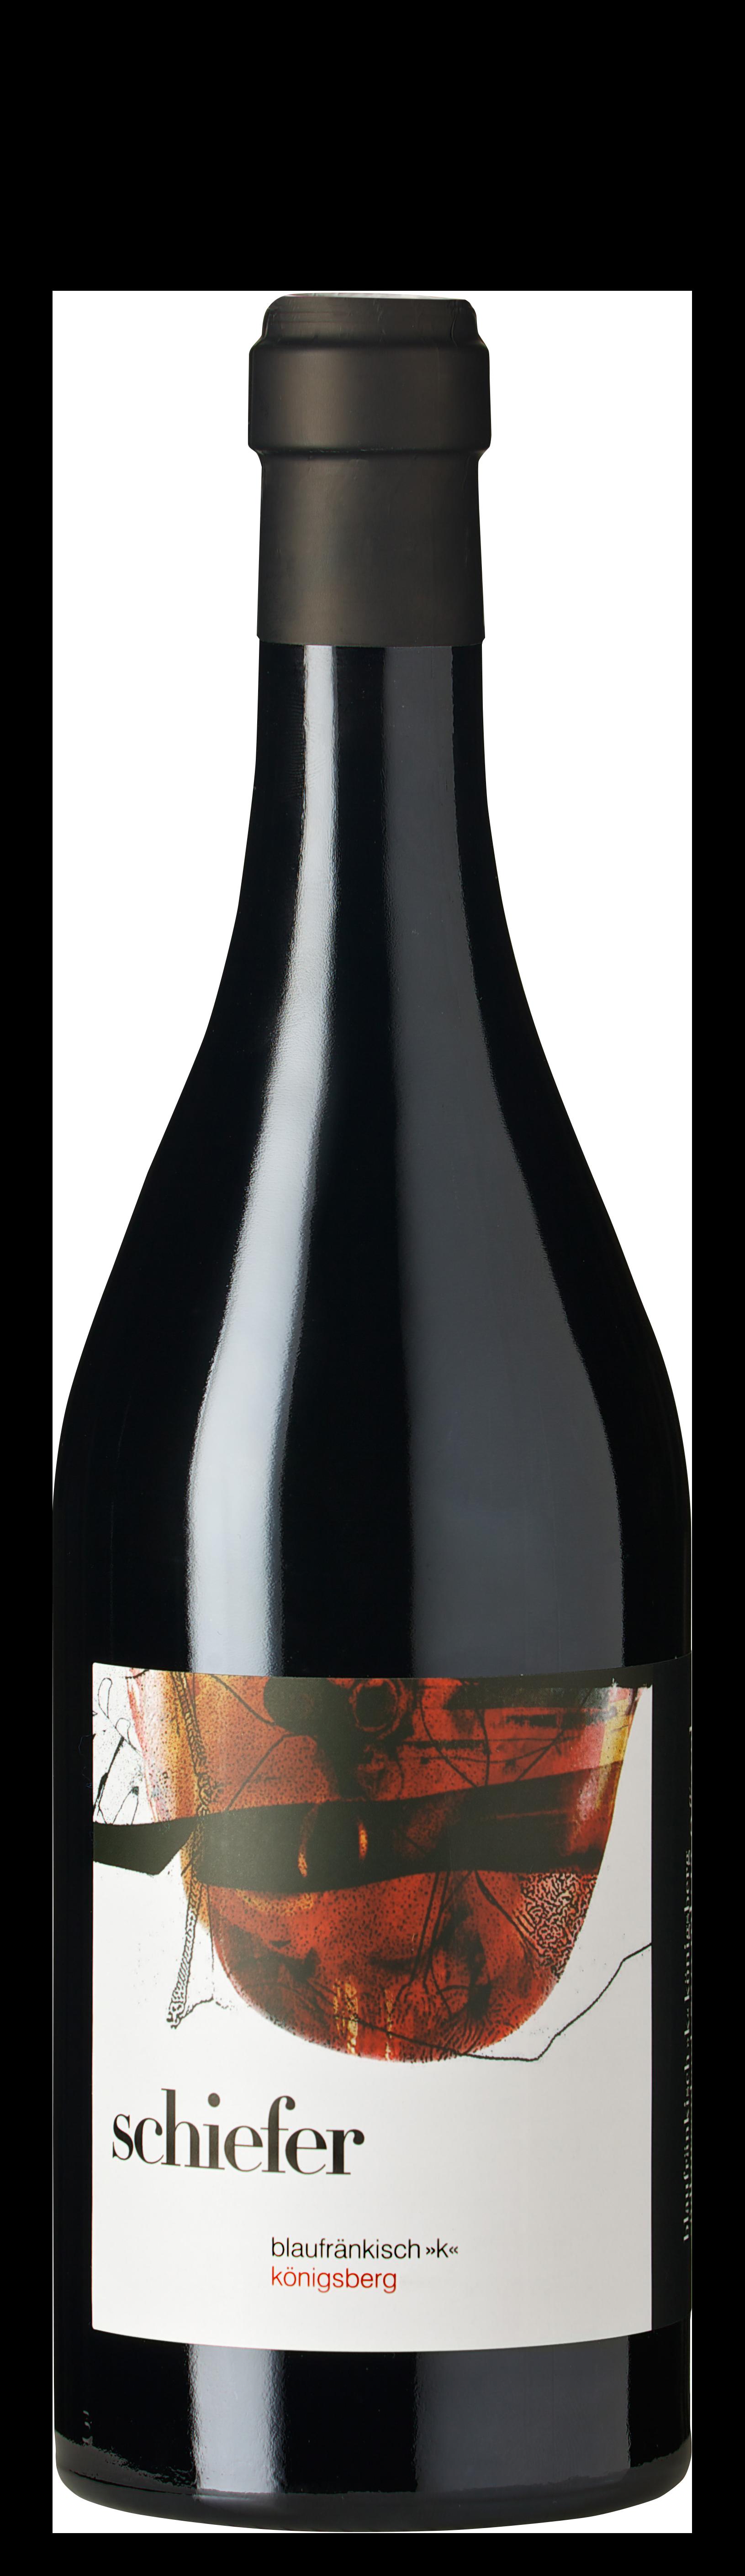 Vino rosso Blaufränkisch Konigsberg